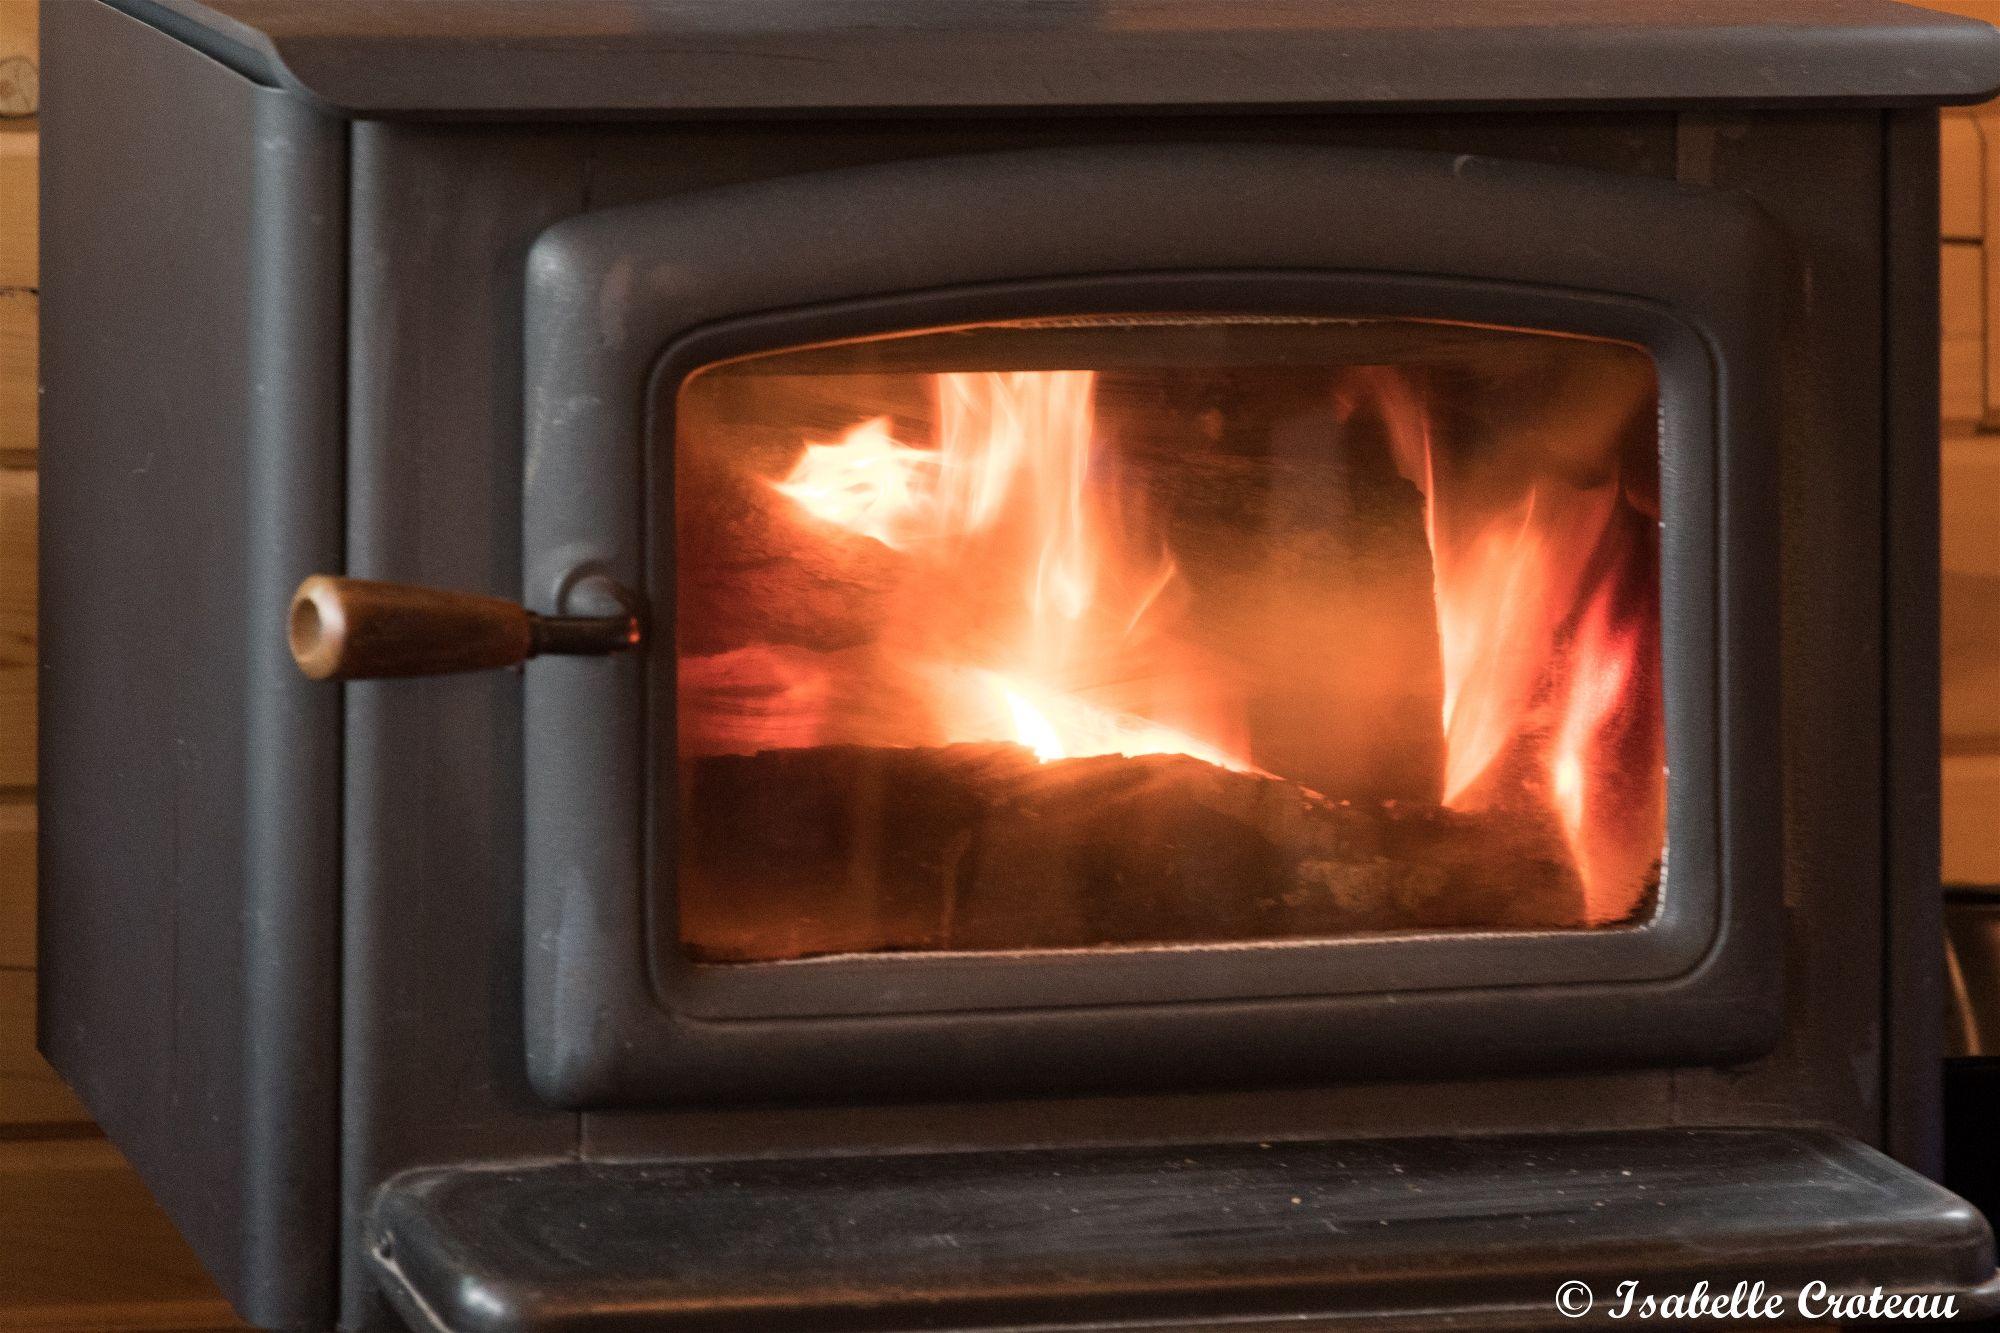 L'intérieur du Chalet le Malard.Le Poêle à bois agît aussi comme chauffage d'appoint par une froide nuit d'hiver | poêle à bois noir, poêle en fonte noir, porte en vitre trempée, feu, poignée de bois